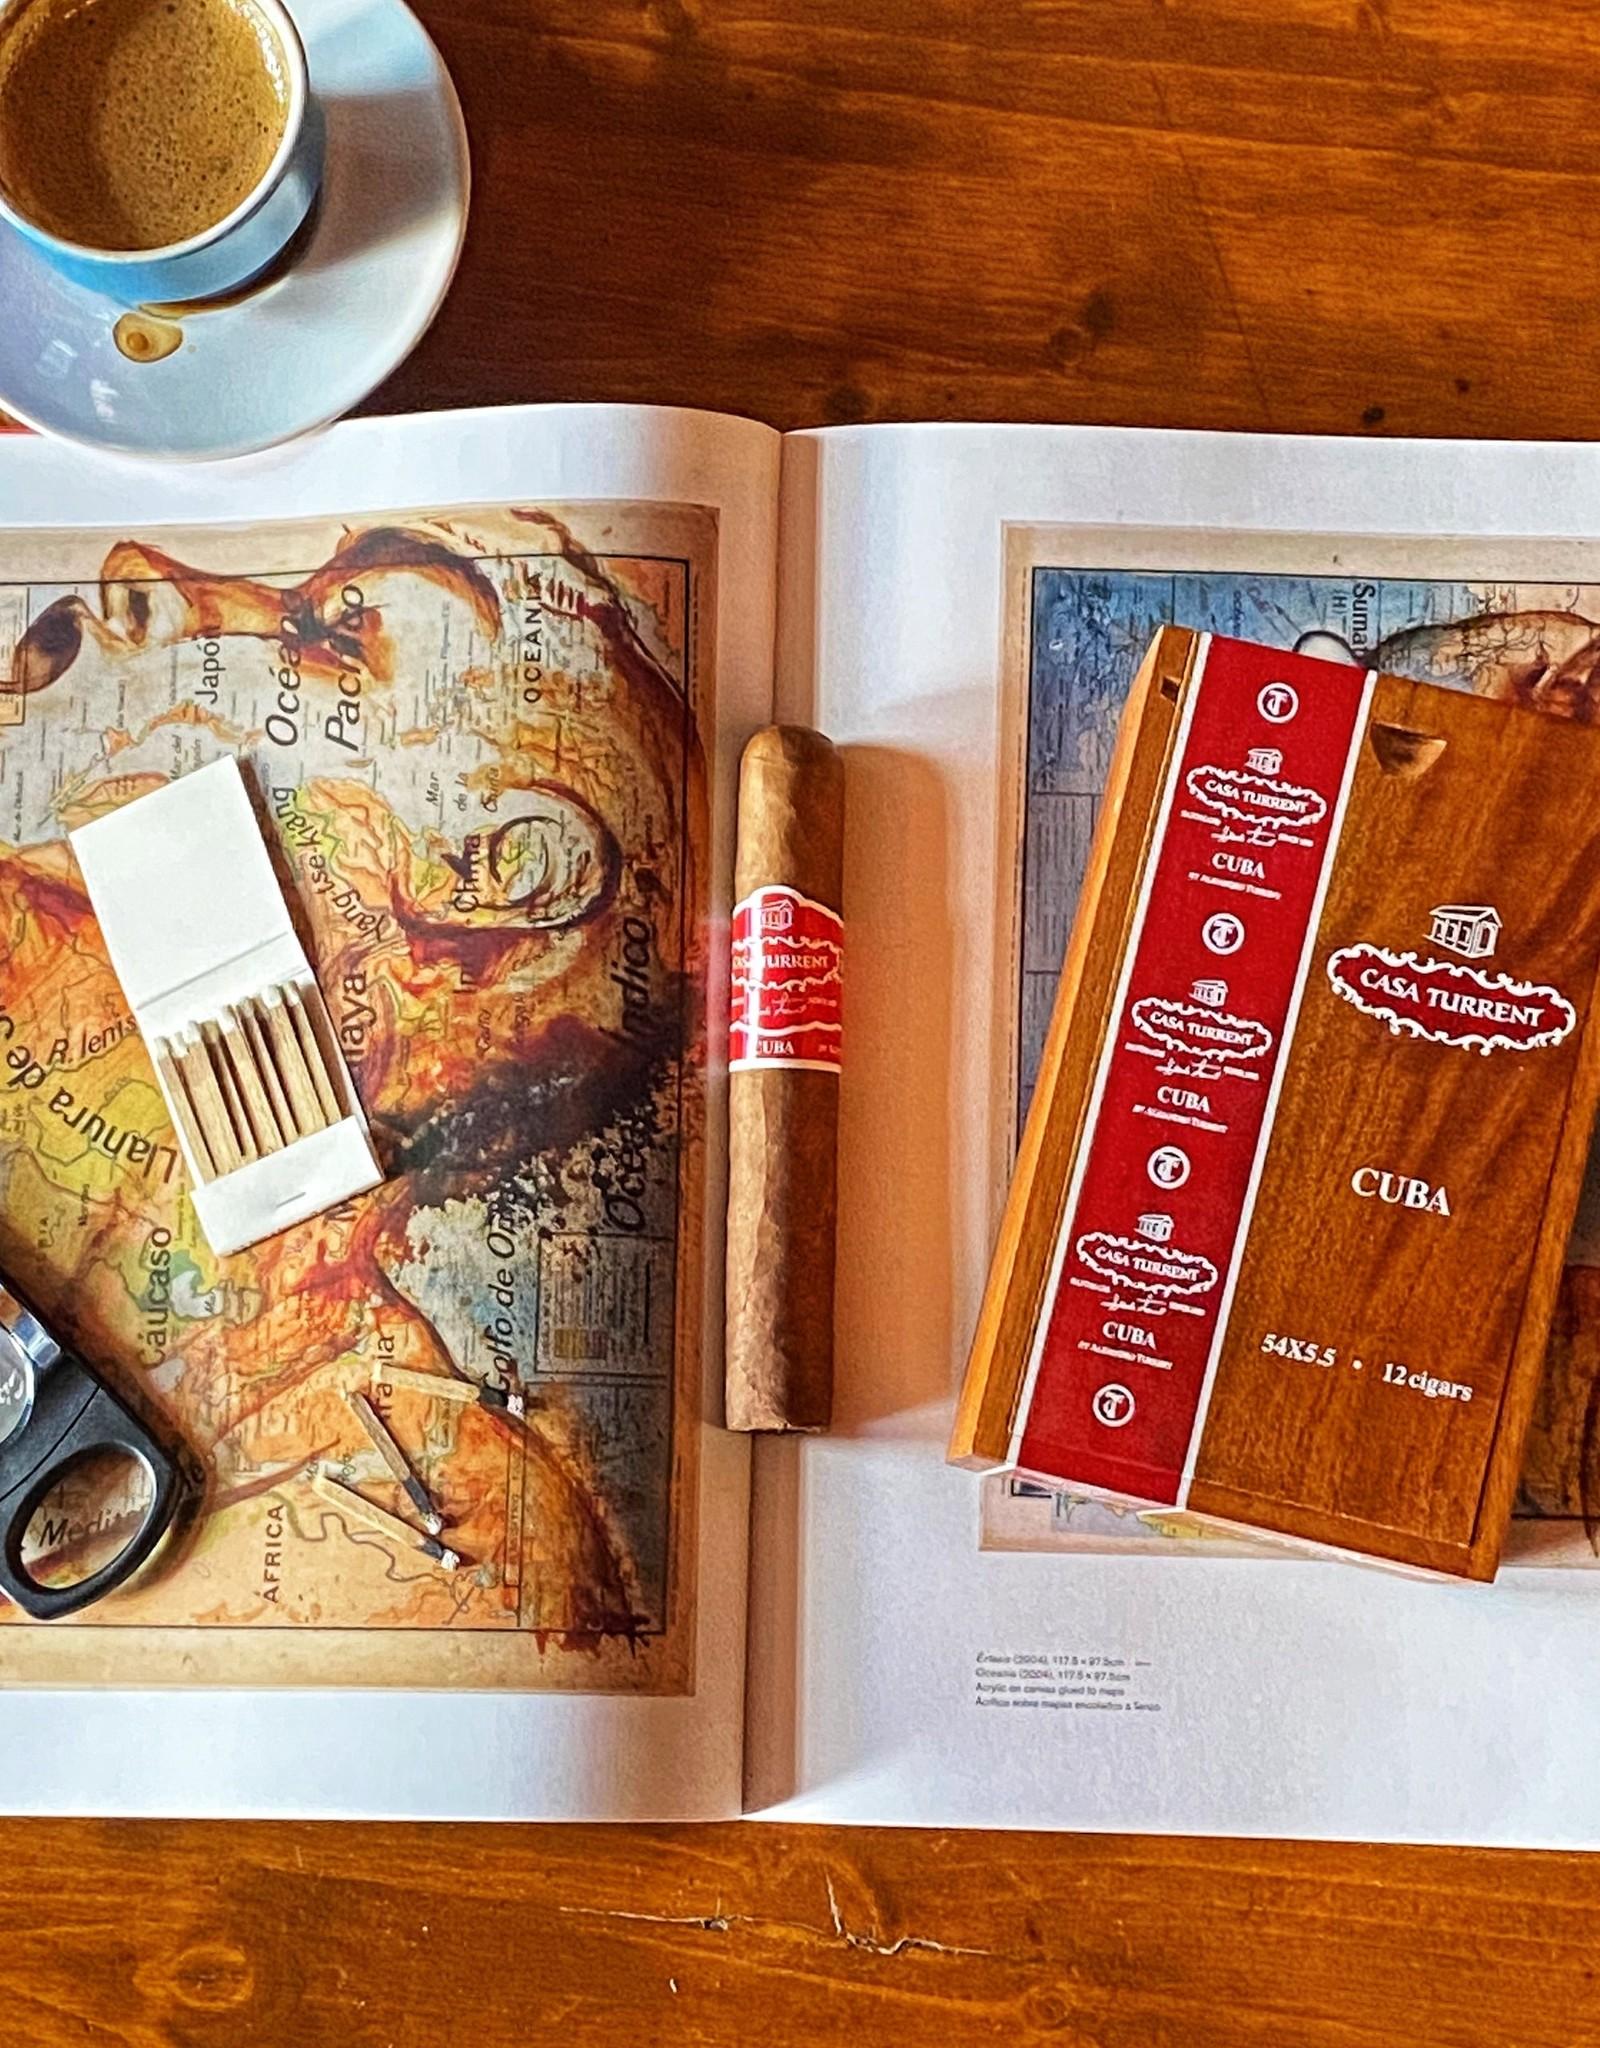 Casa Turrent Casa Turrent Origins Cuba Robusto 5.5 x 52 Single